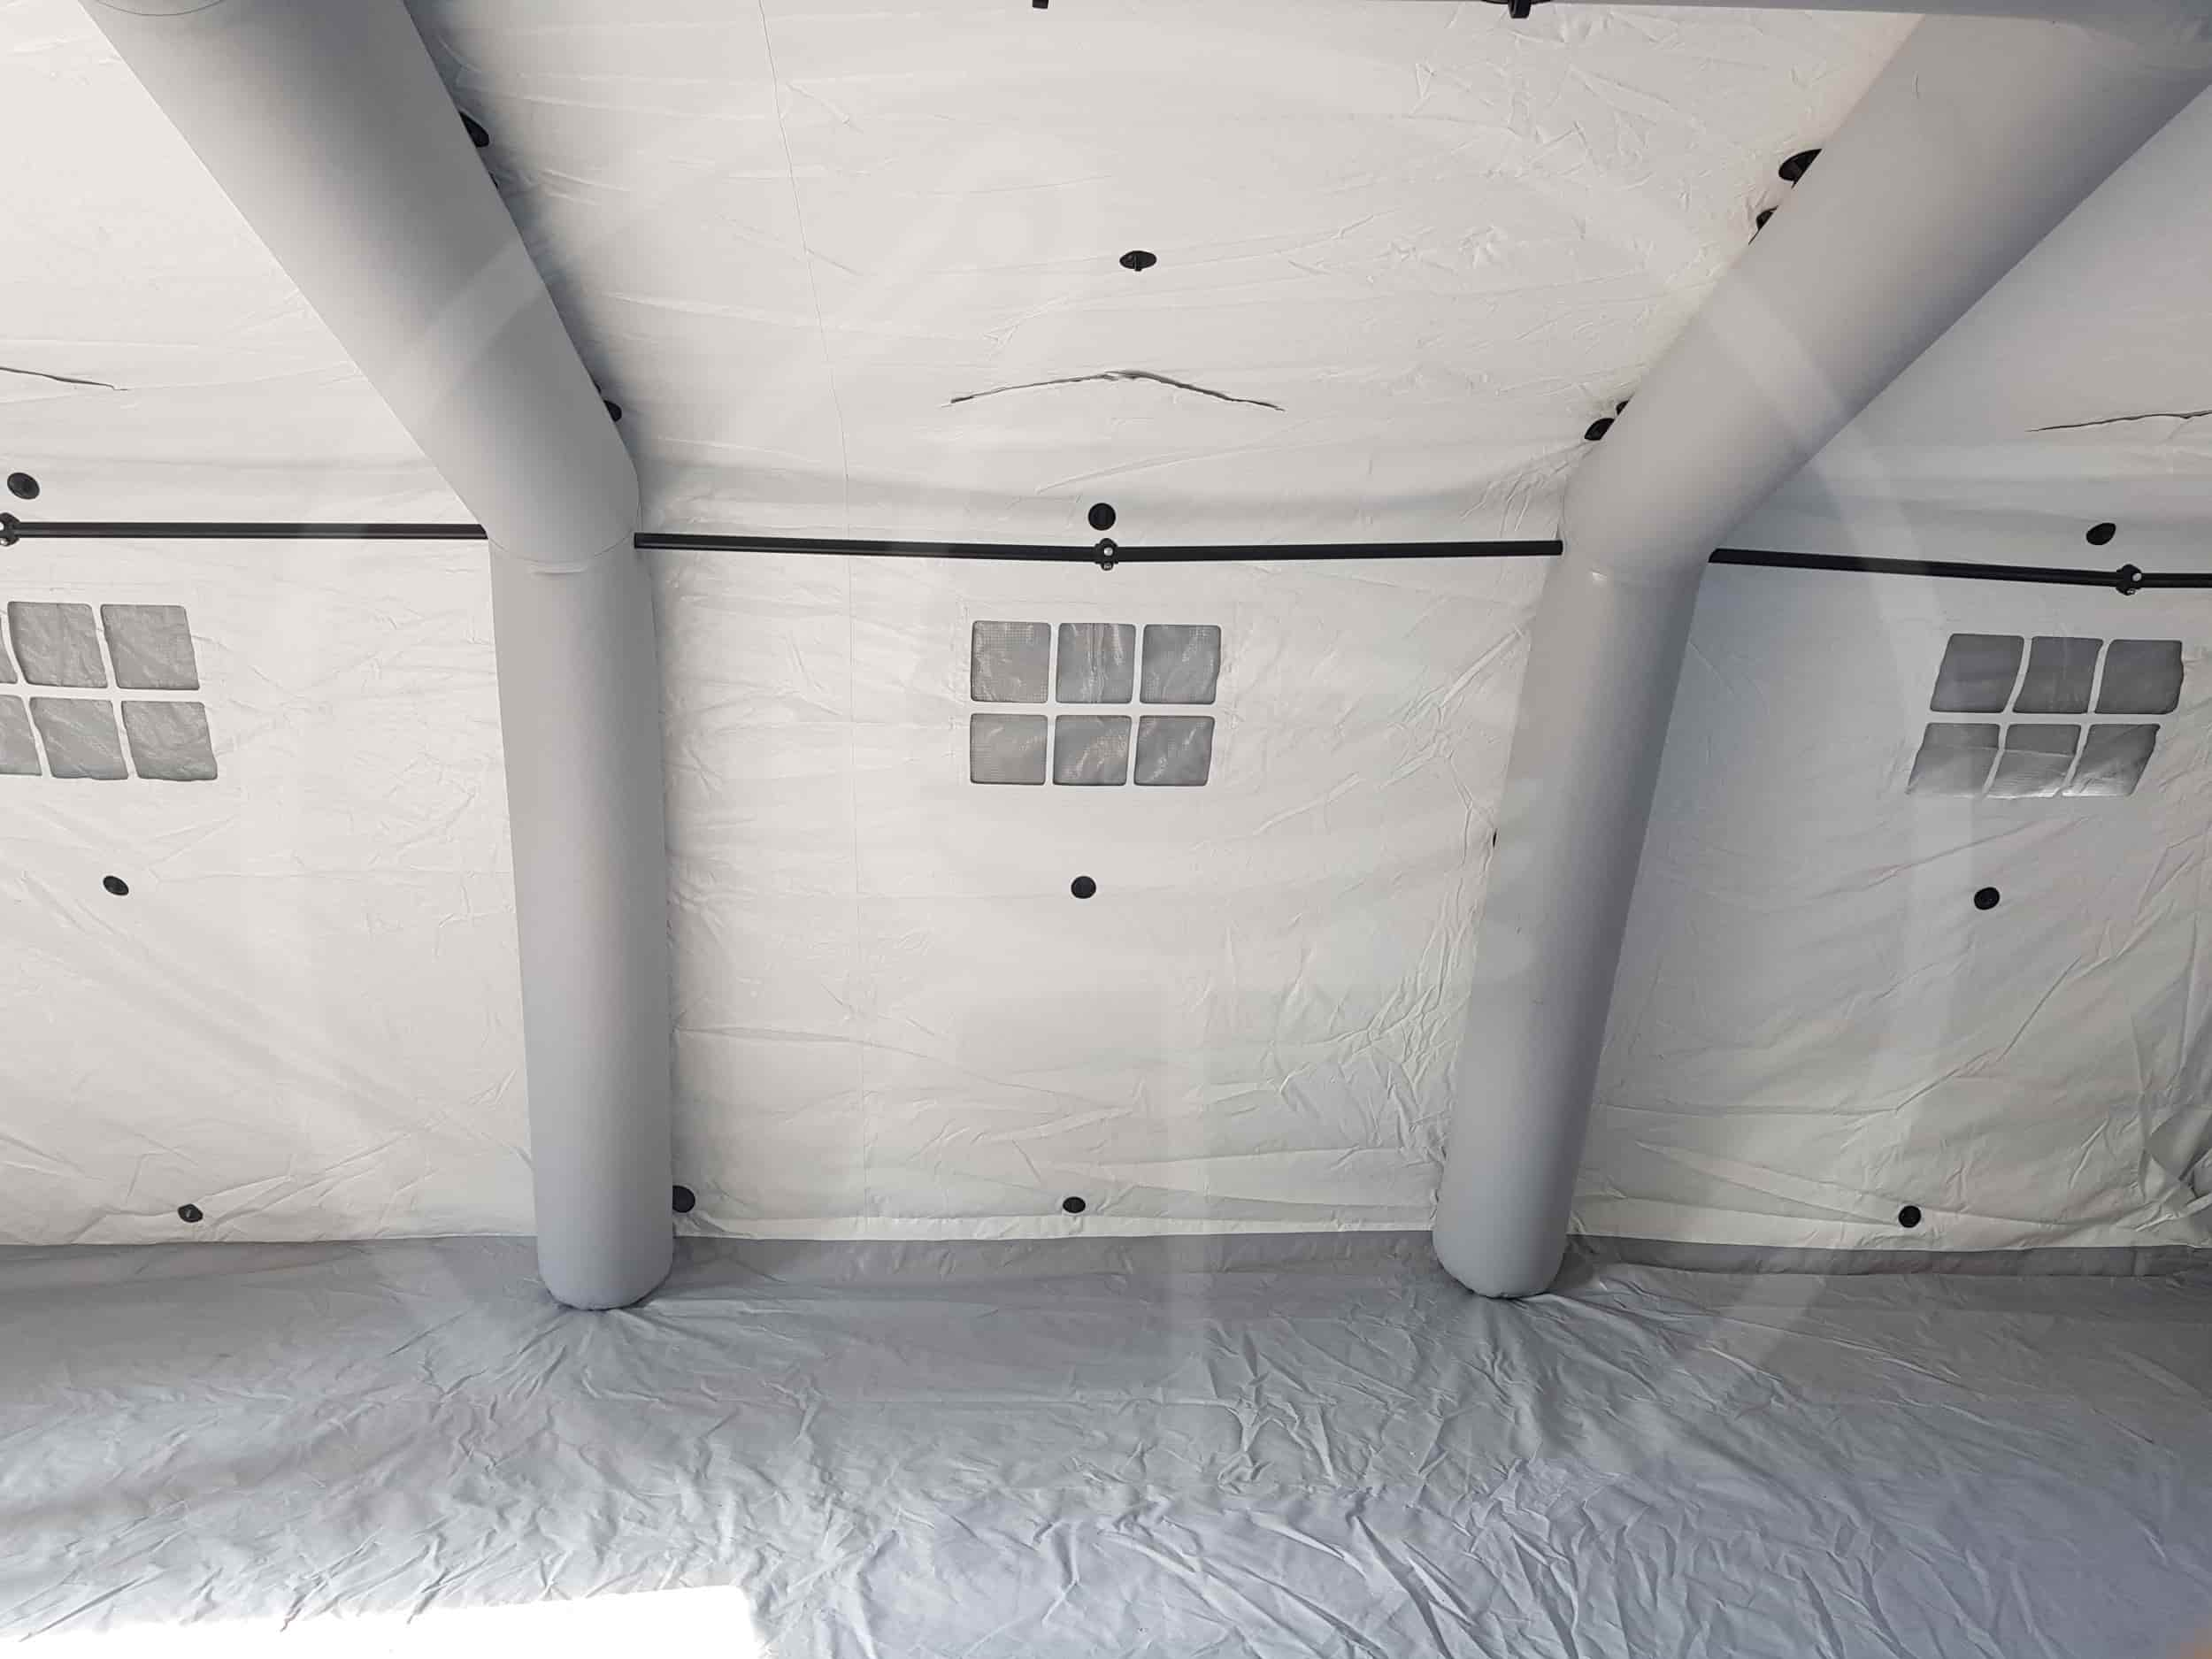 Intérieur de tente gonflable autoportée